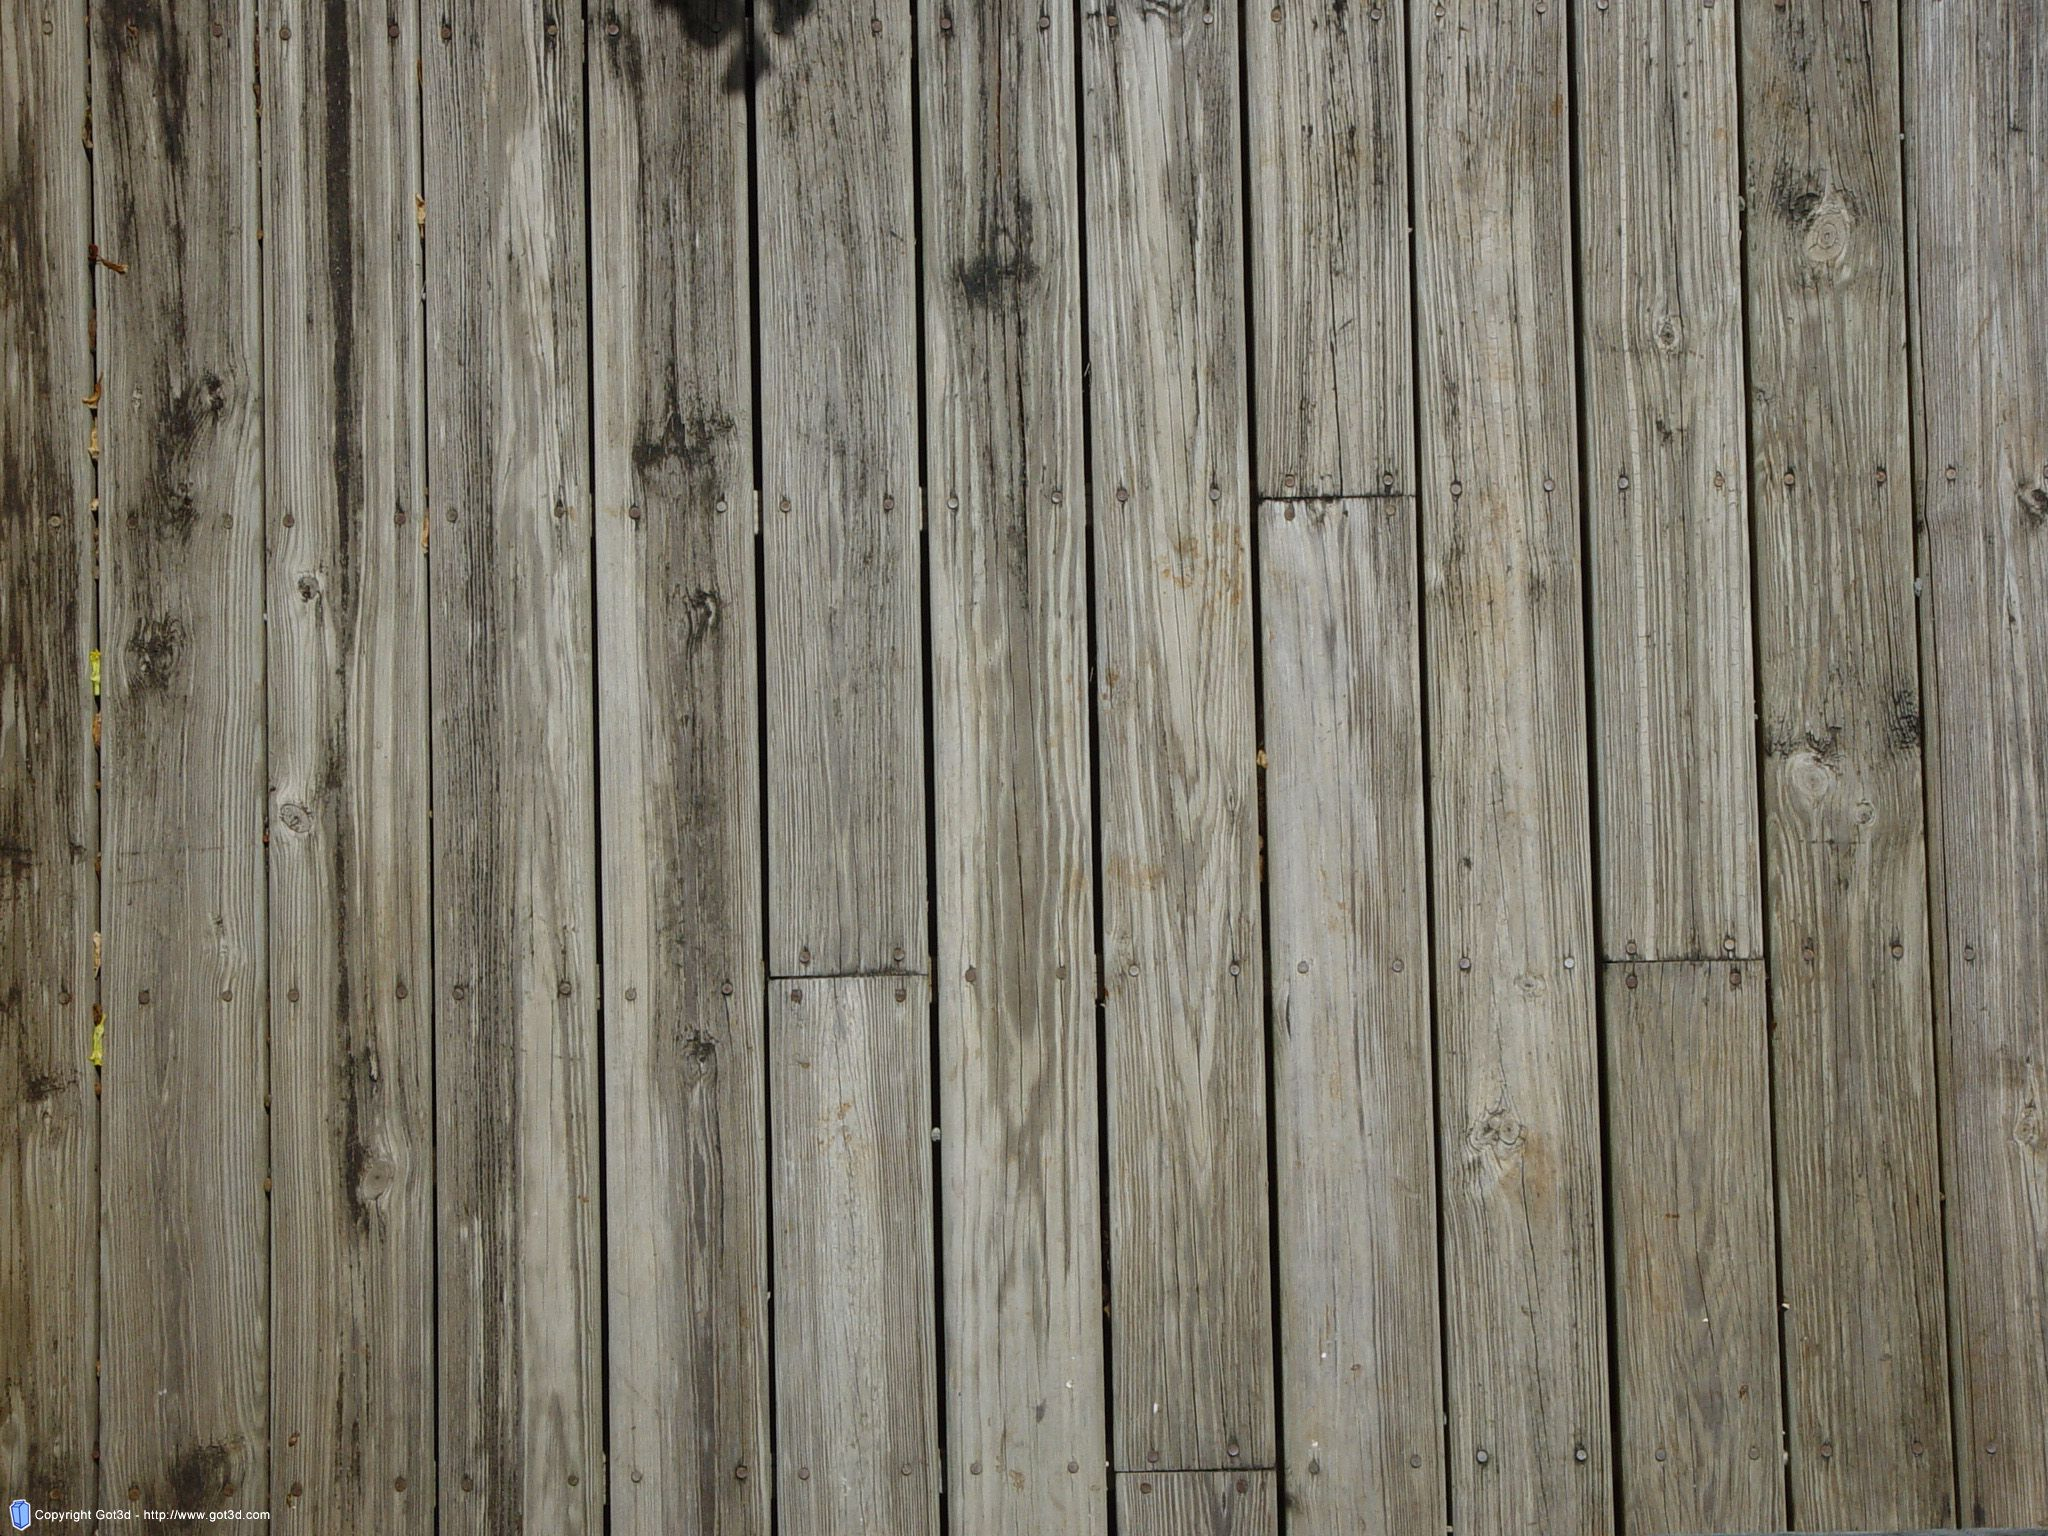 Brown Wood Texture | Wild Textures | Textures | Pinterest ...